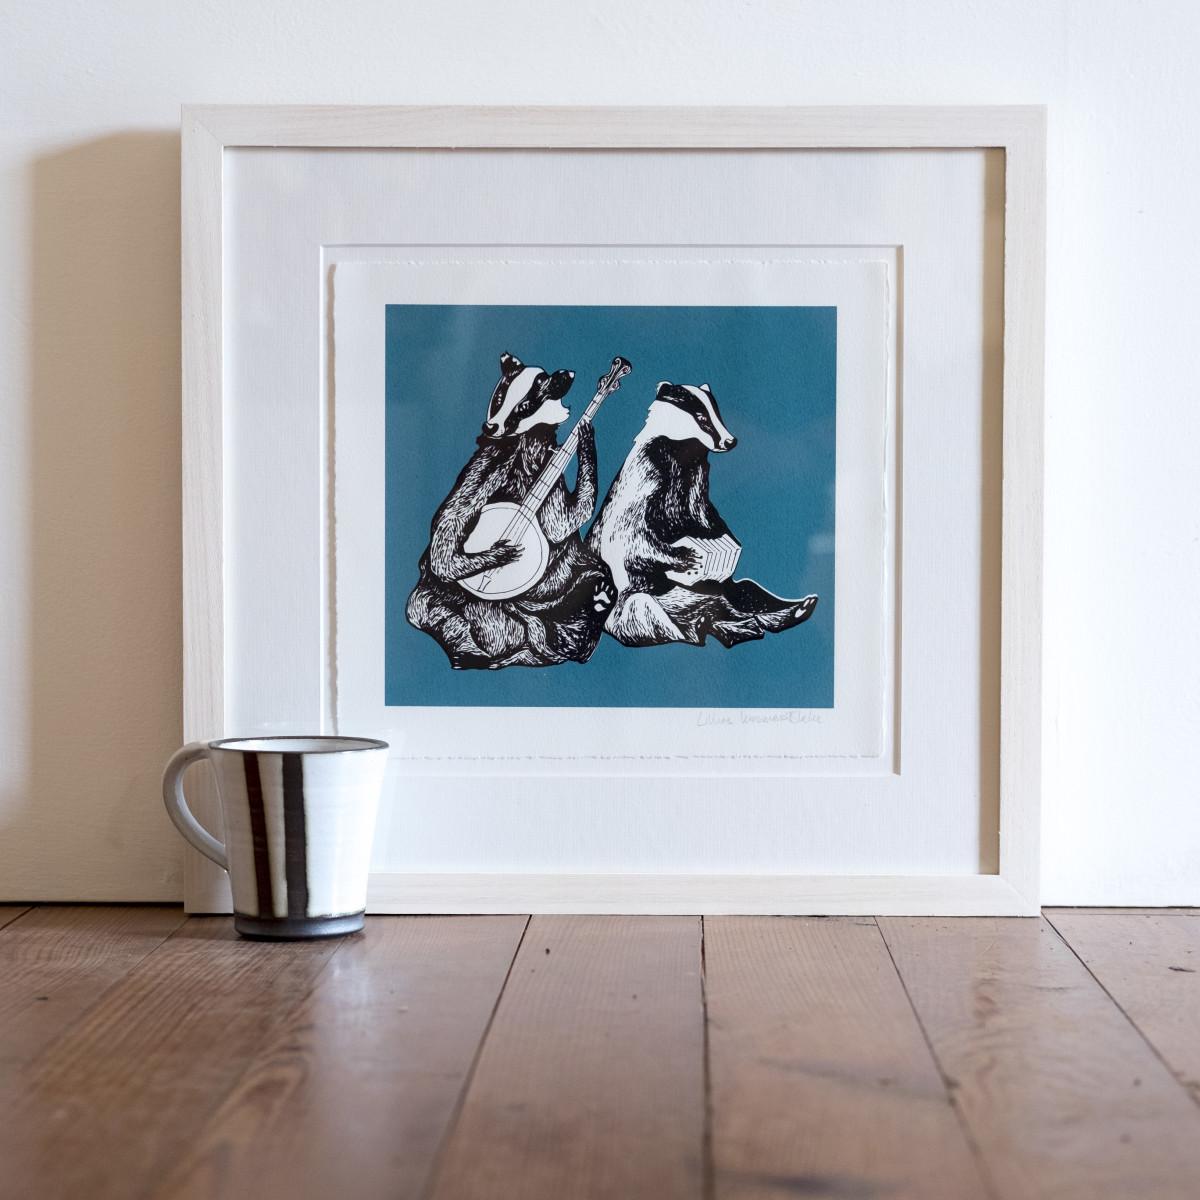 Dueling Badgers (Framed)